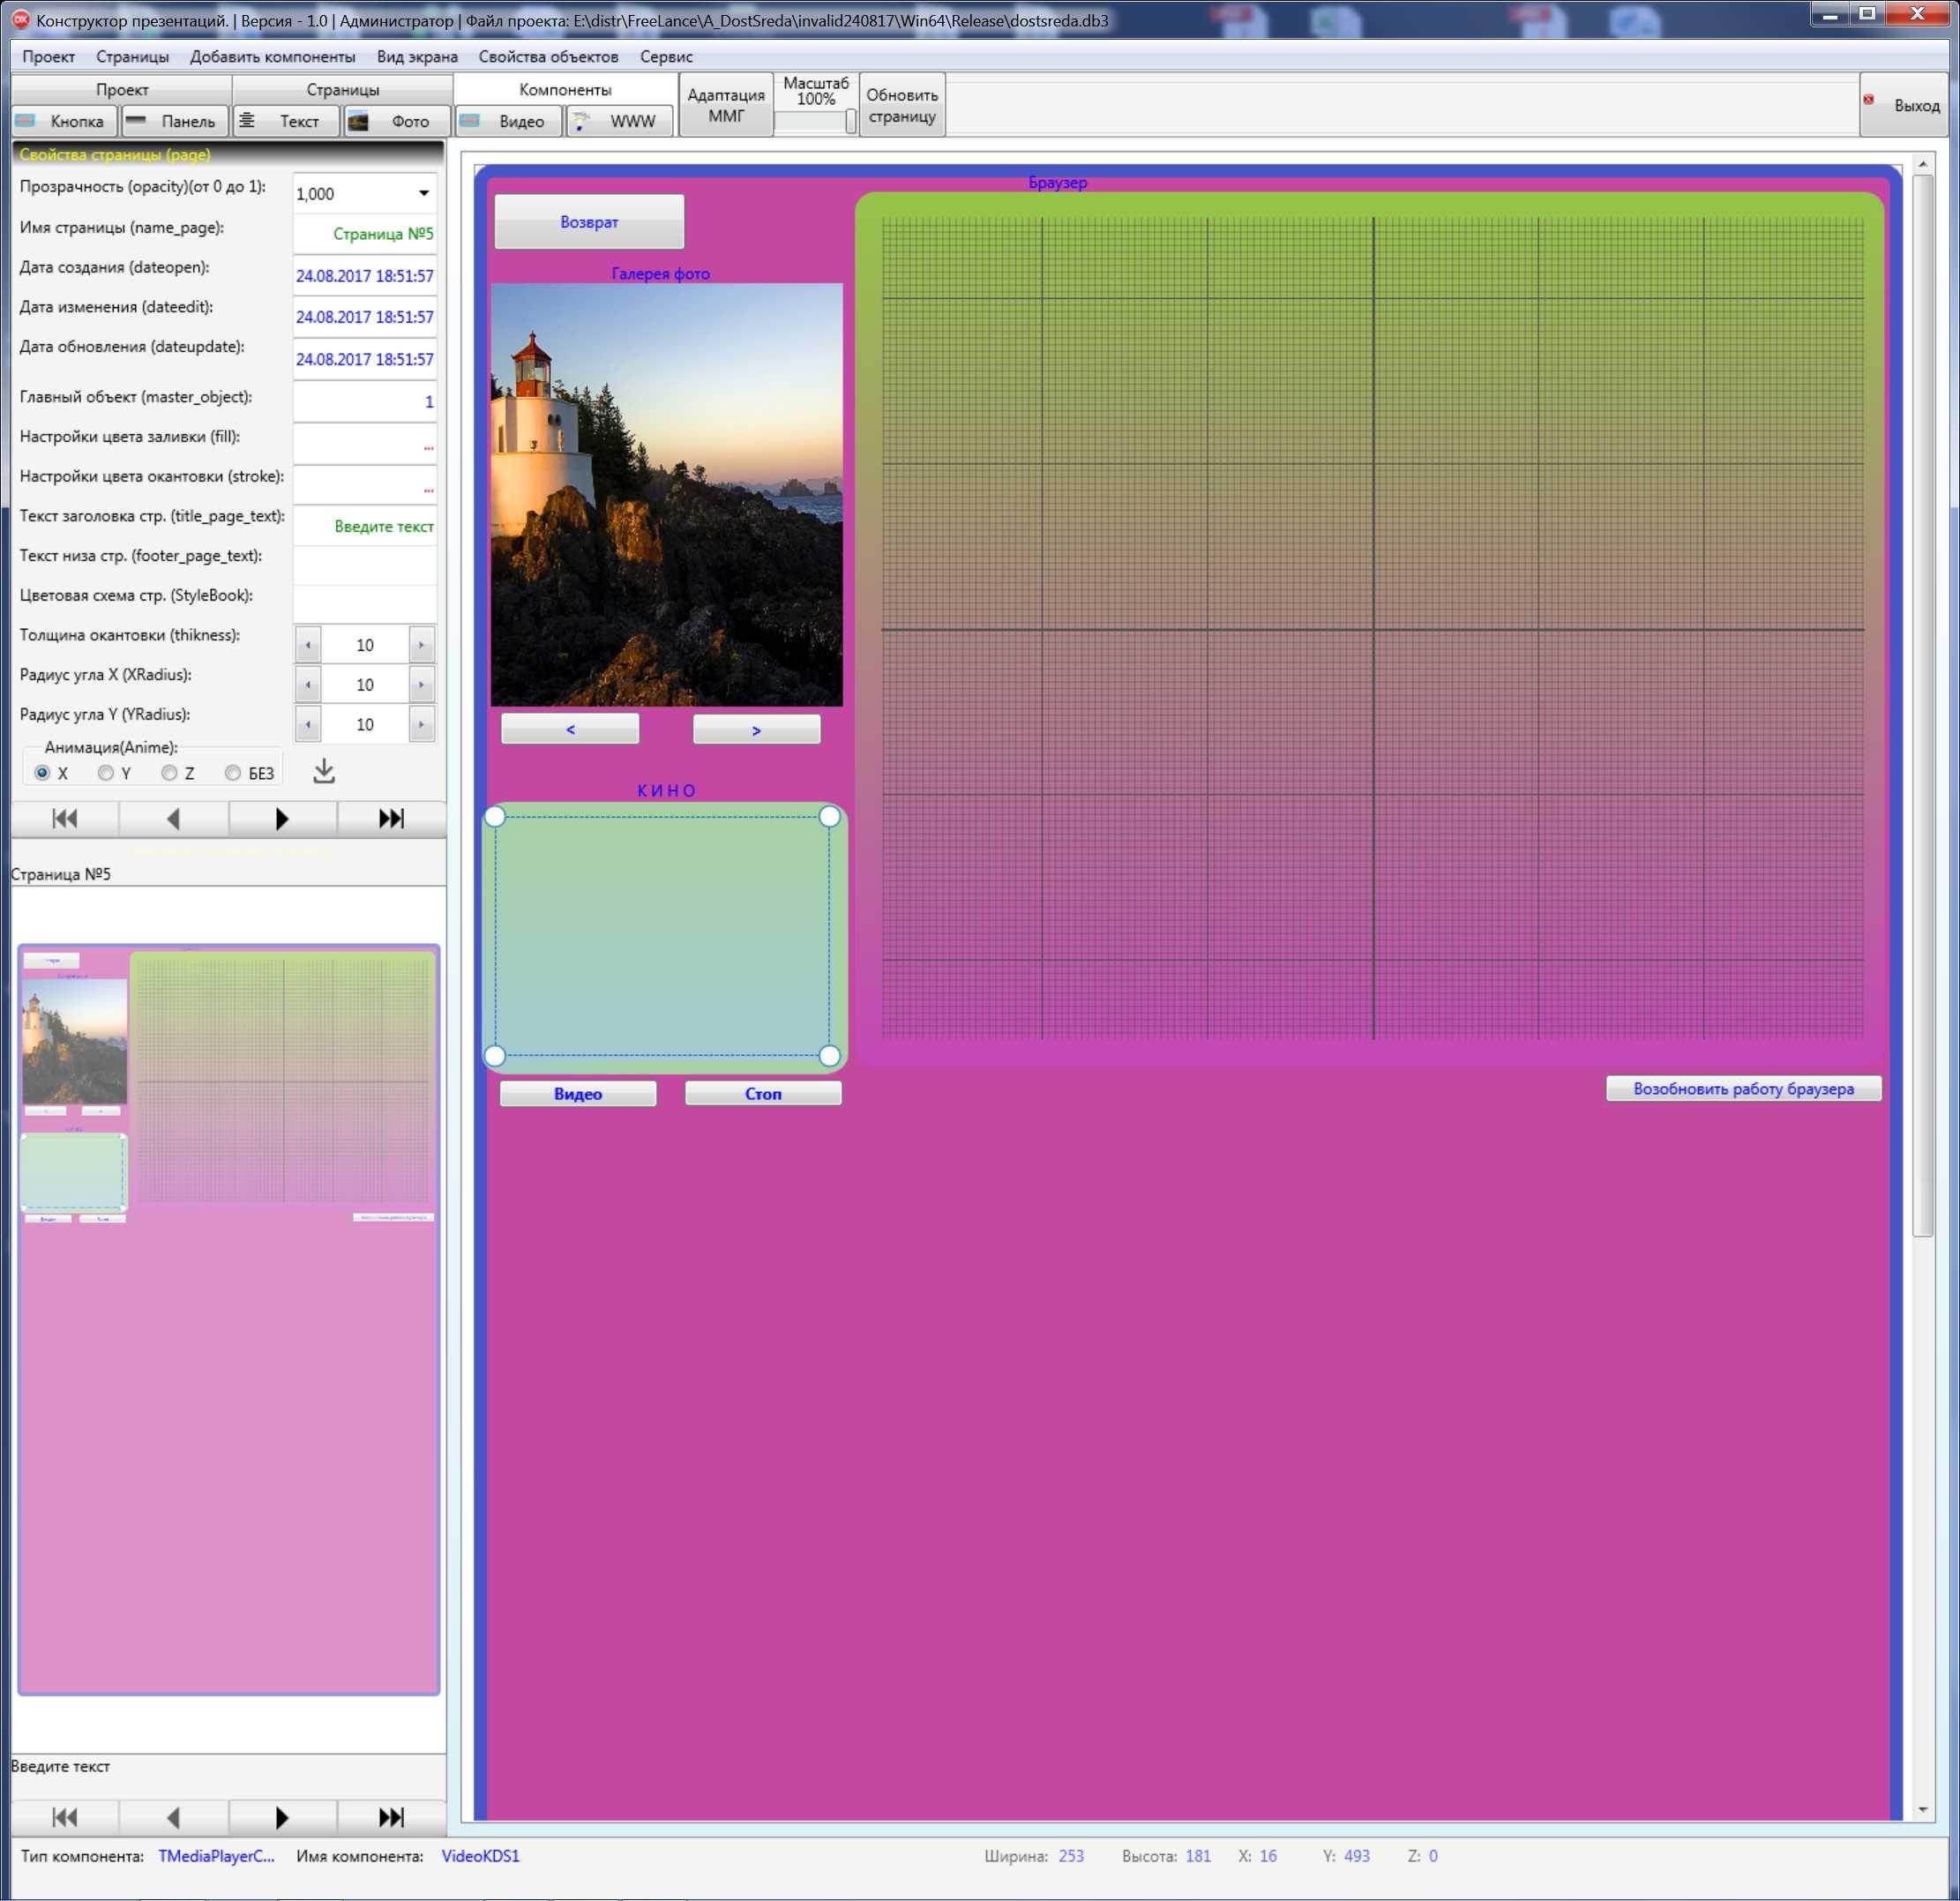 Качественная переработка дизайна конструктора и вставка браузера и новой лупы